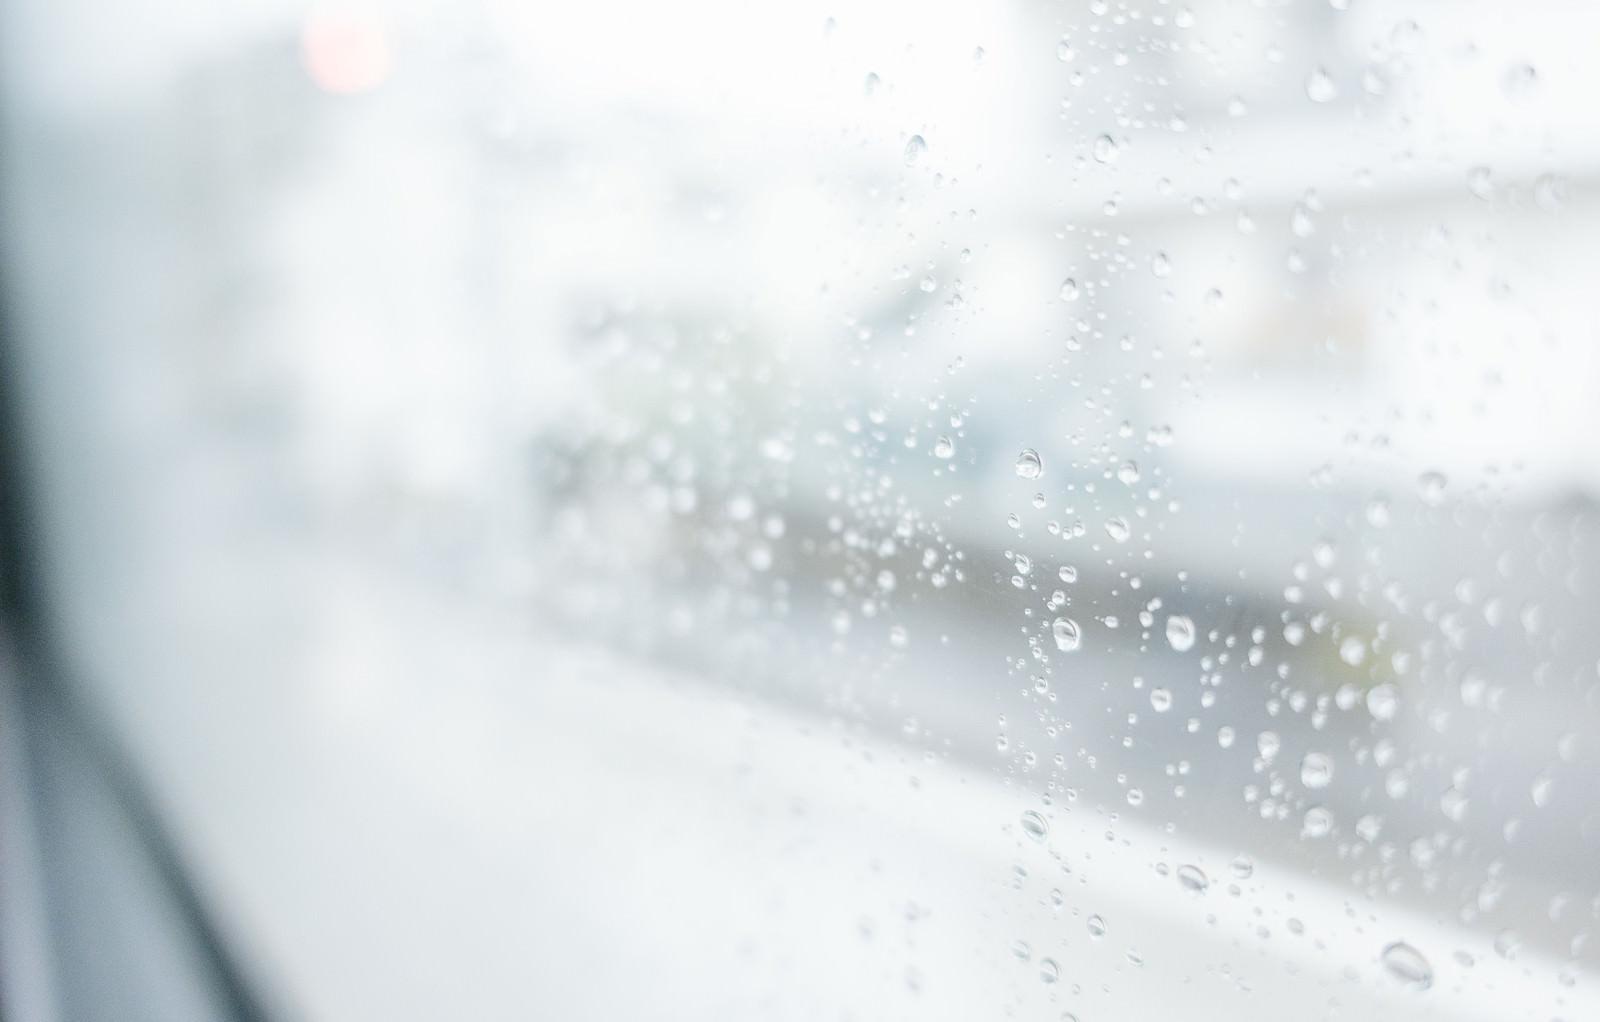 「週末はいつも雨週末はいつも雨」のフリー写真素材を拡大